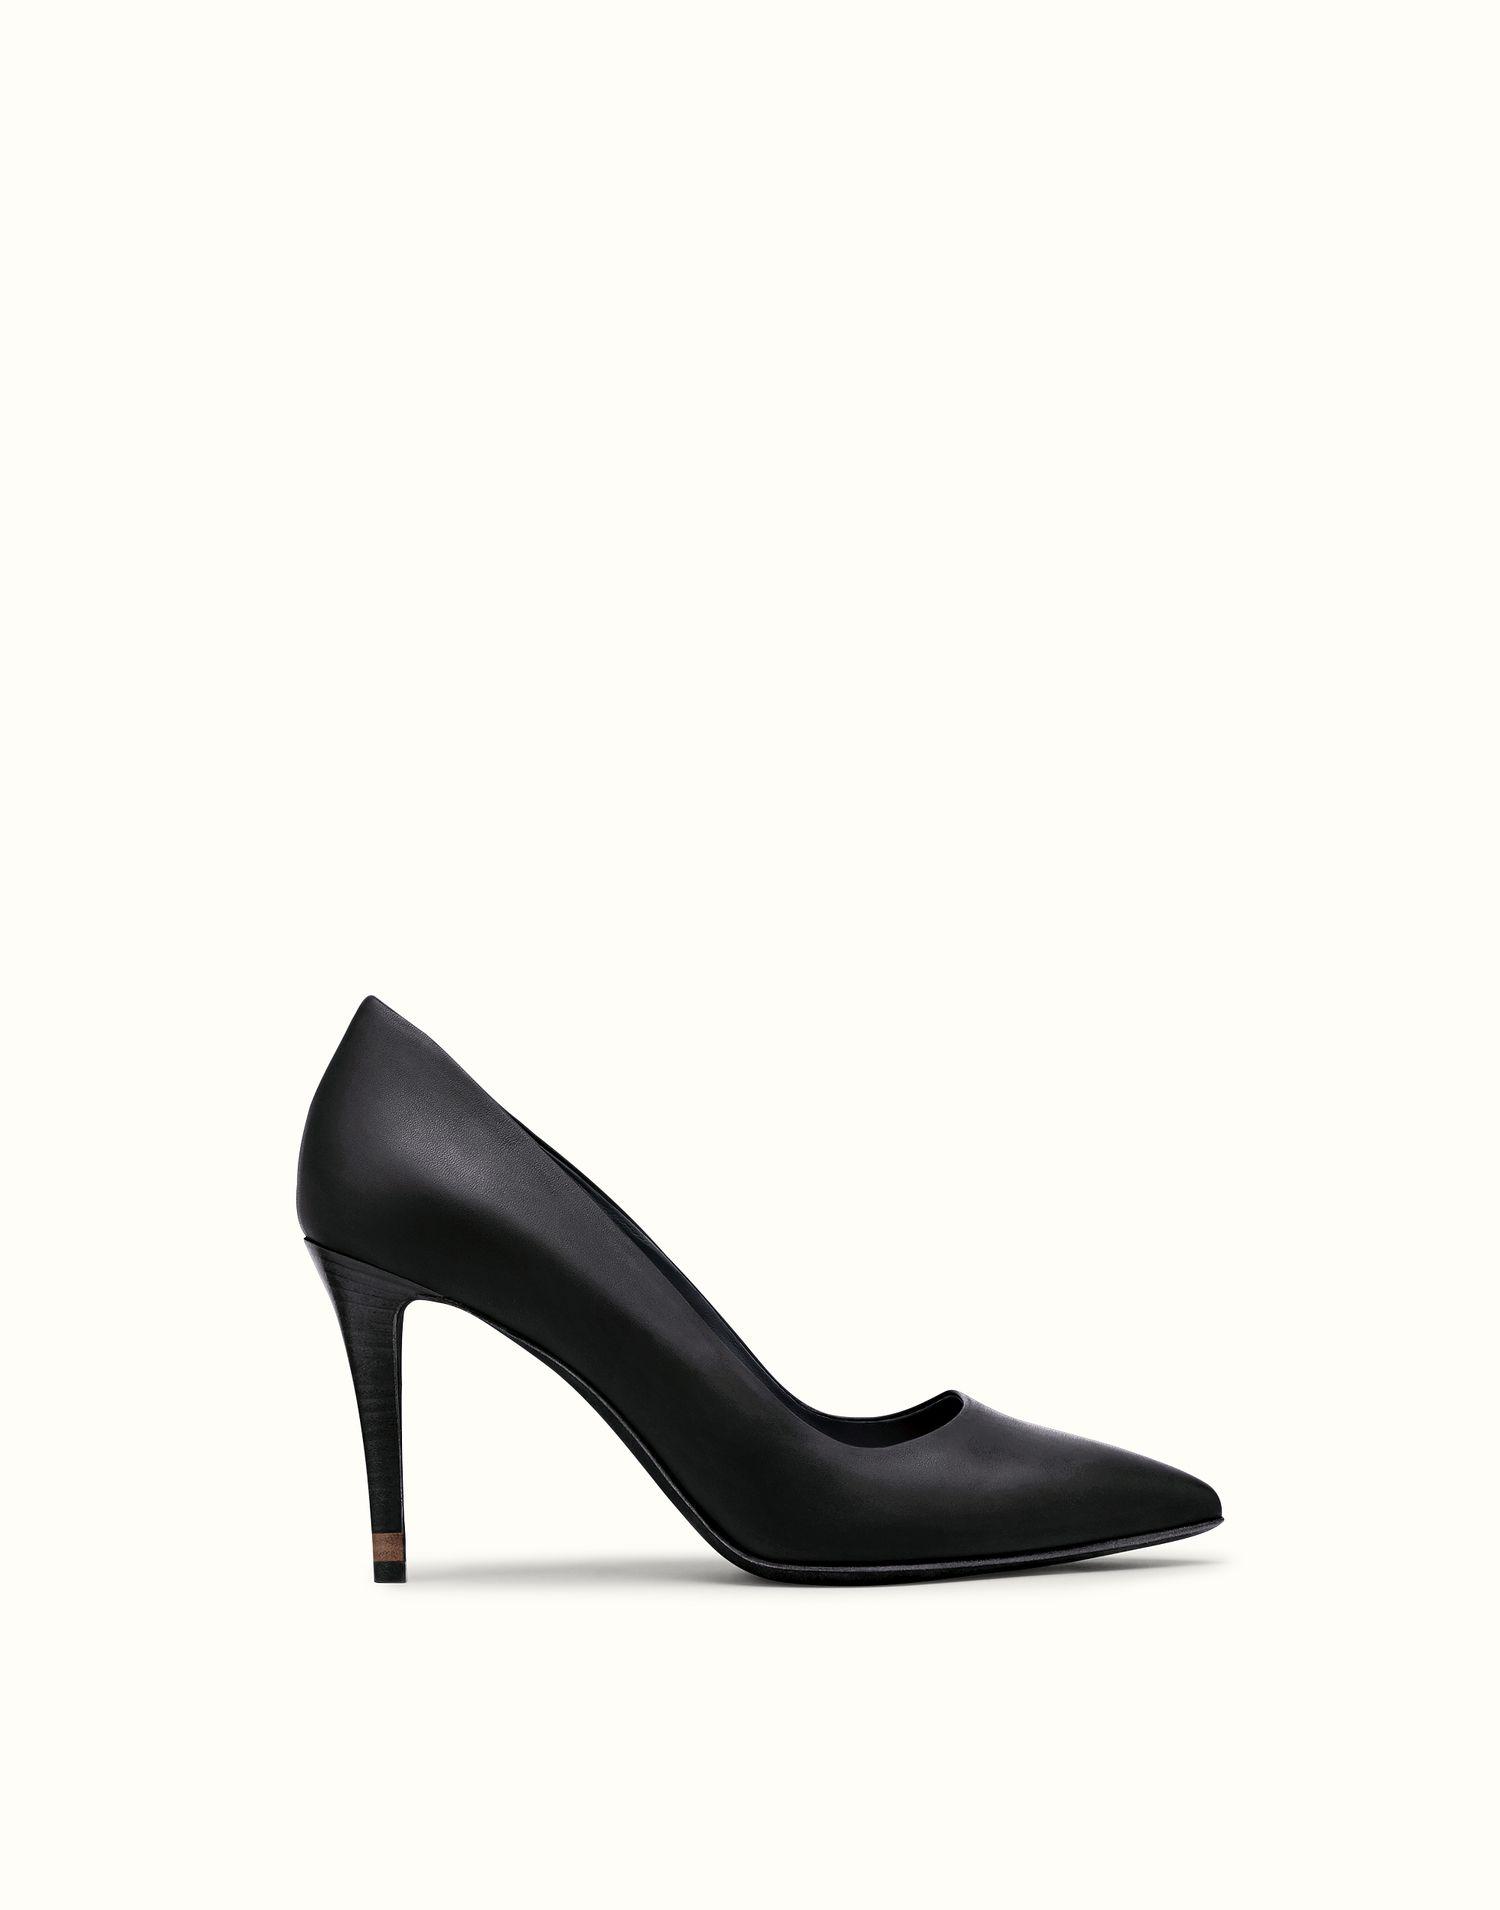 FENDI | Boutique en ligne officielle. Talons AiguilleCuir NoirAccessoires  BijouxEscarpinsPour FemmeSacHommesTalons ...